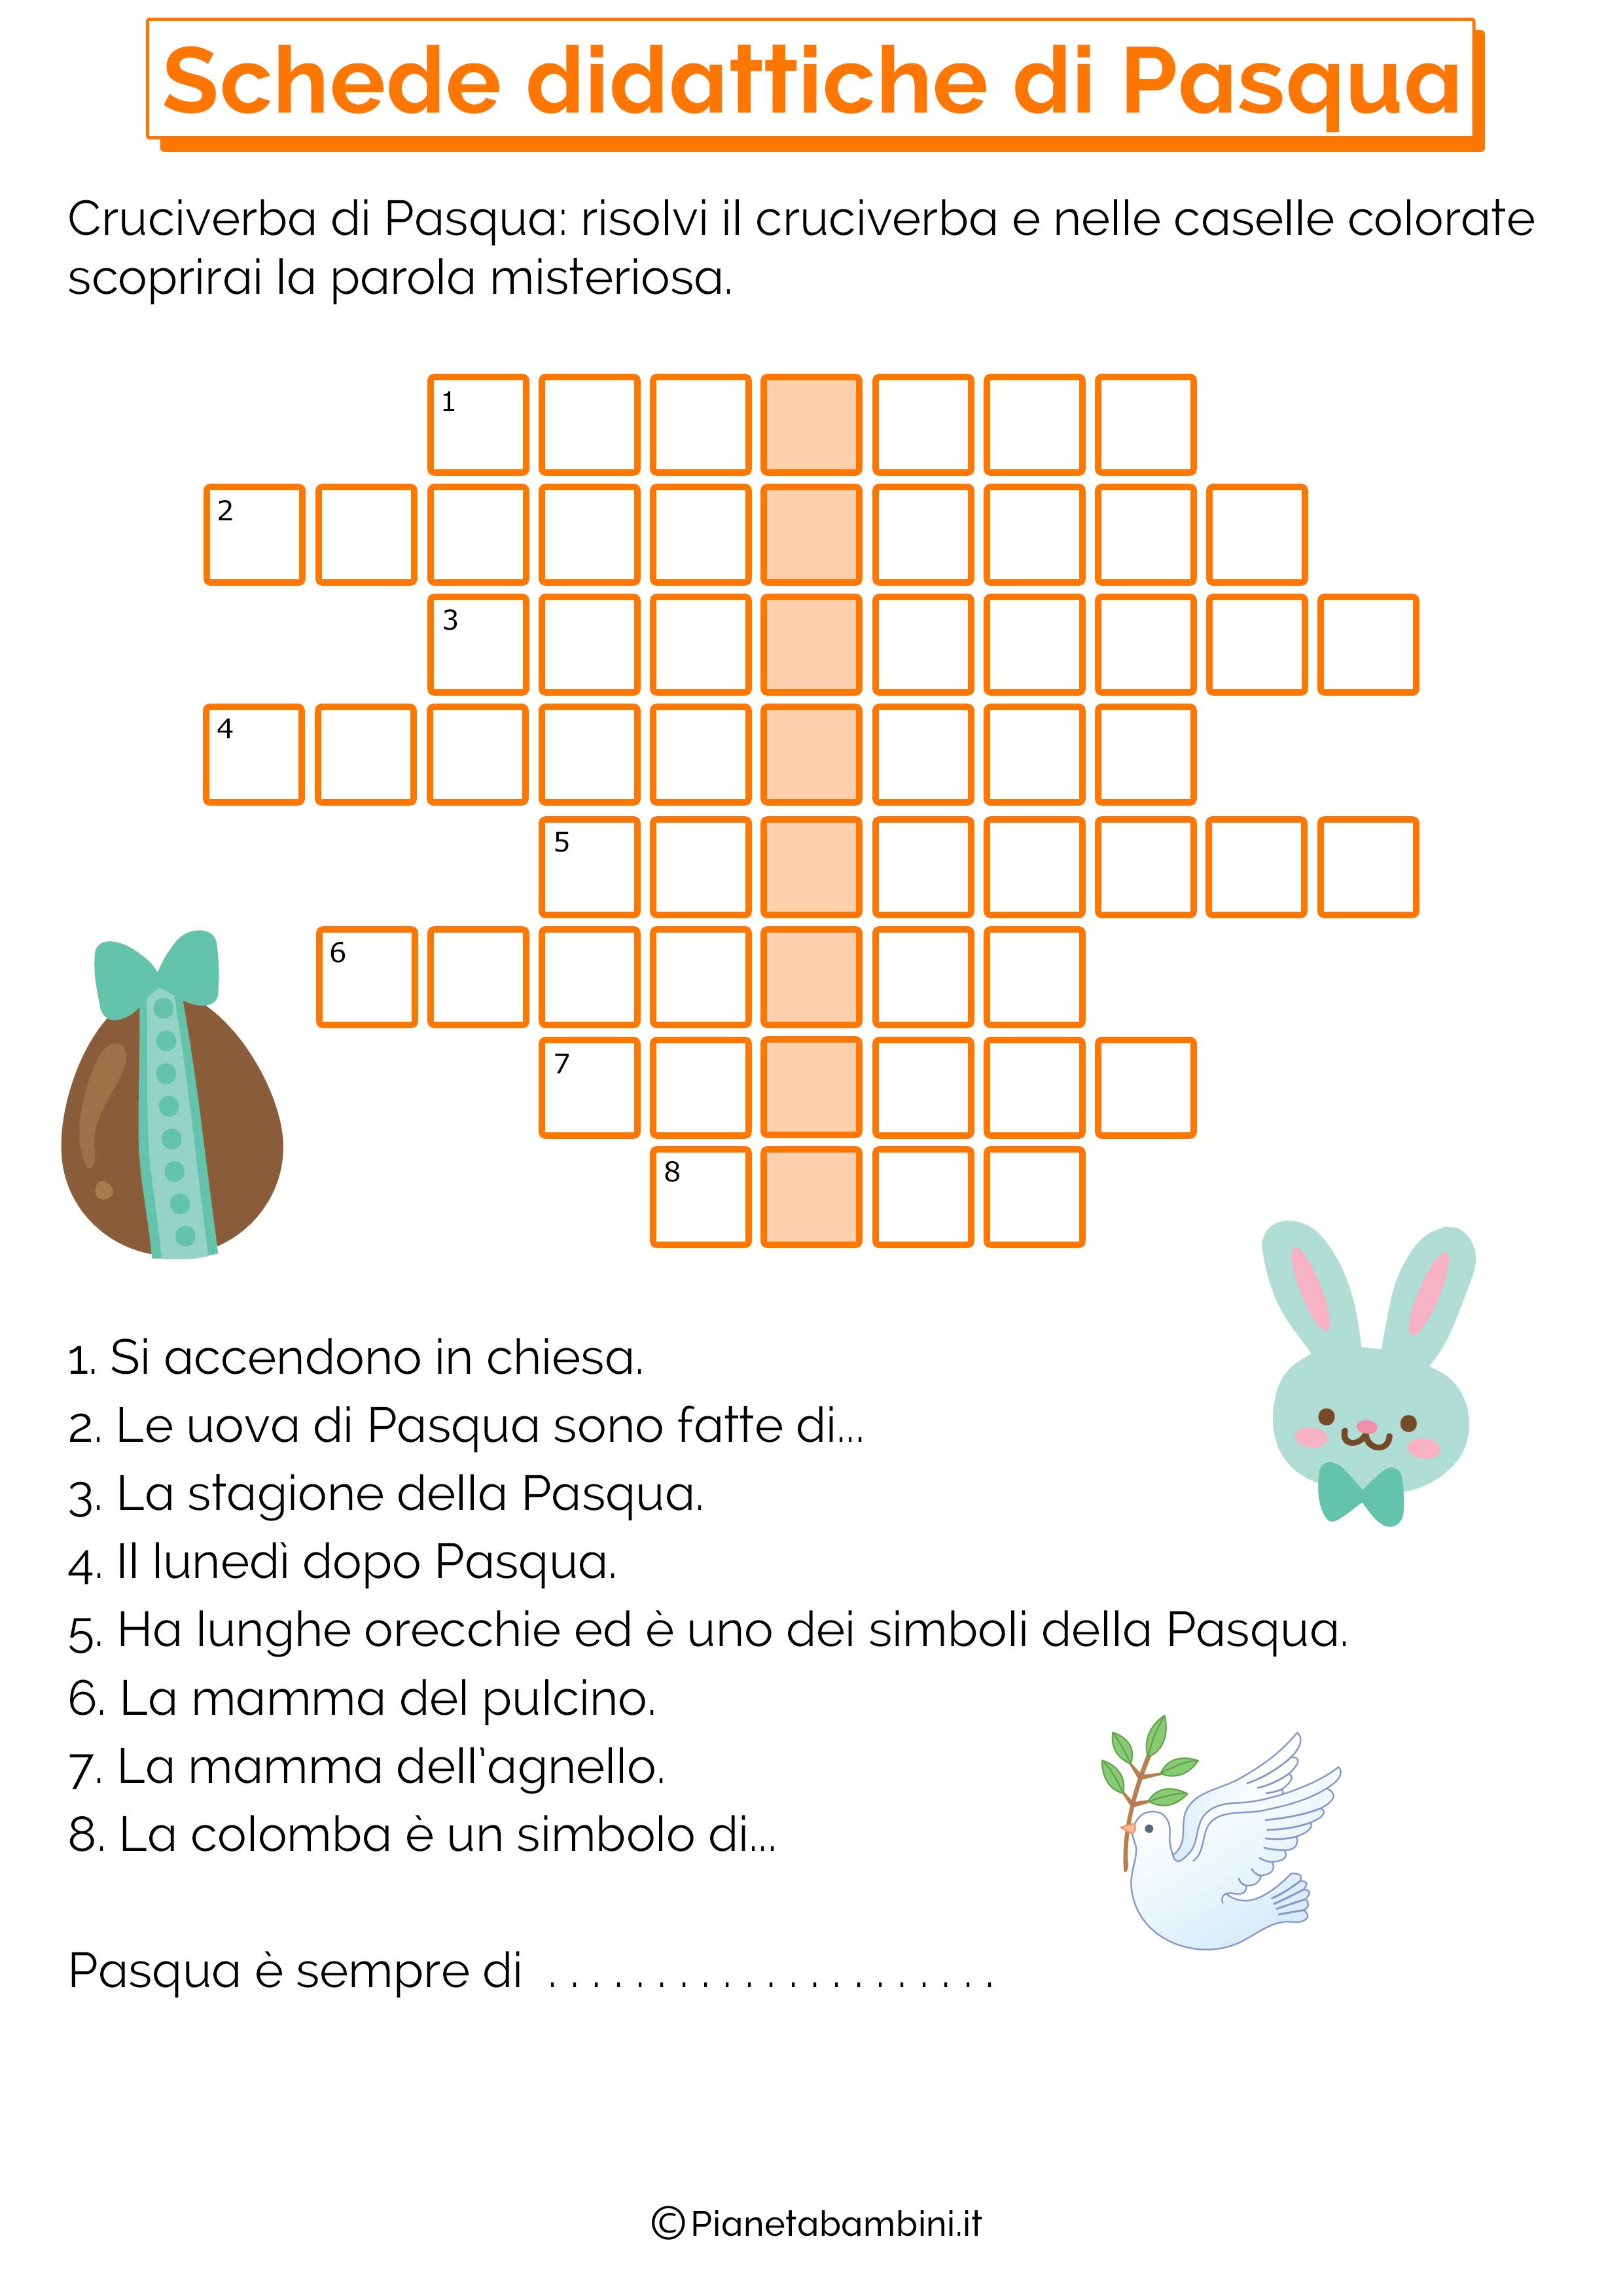 Scheda didattica sulla Pasqua per la scuola primaria 9